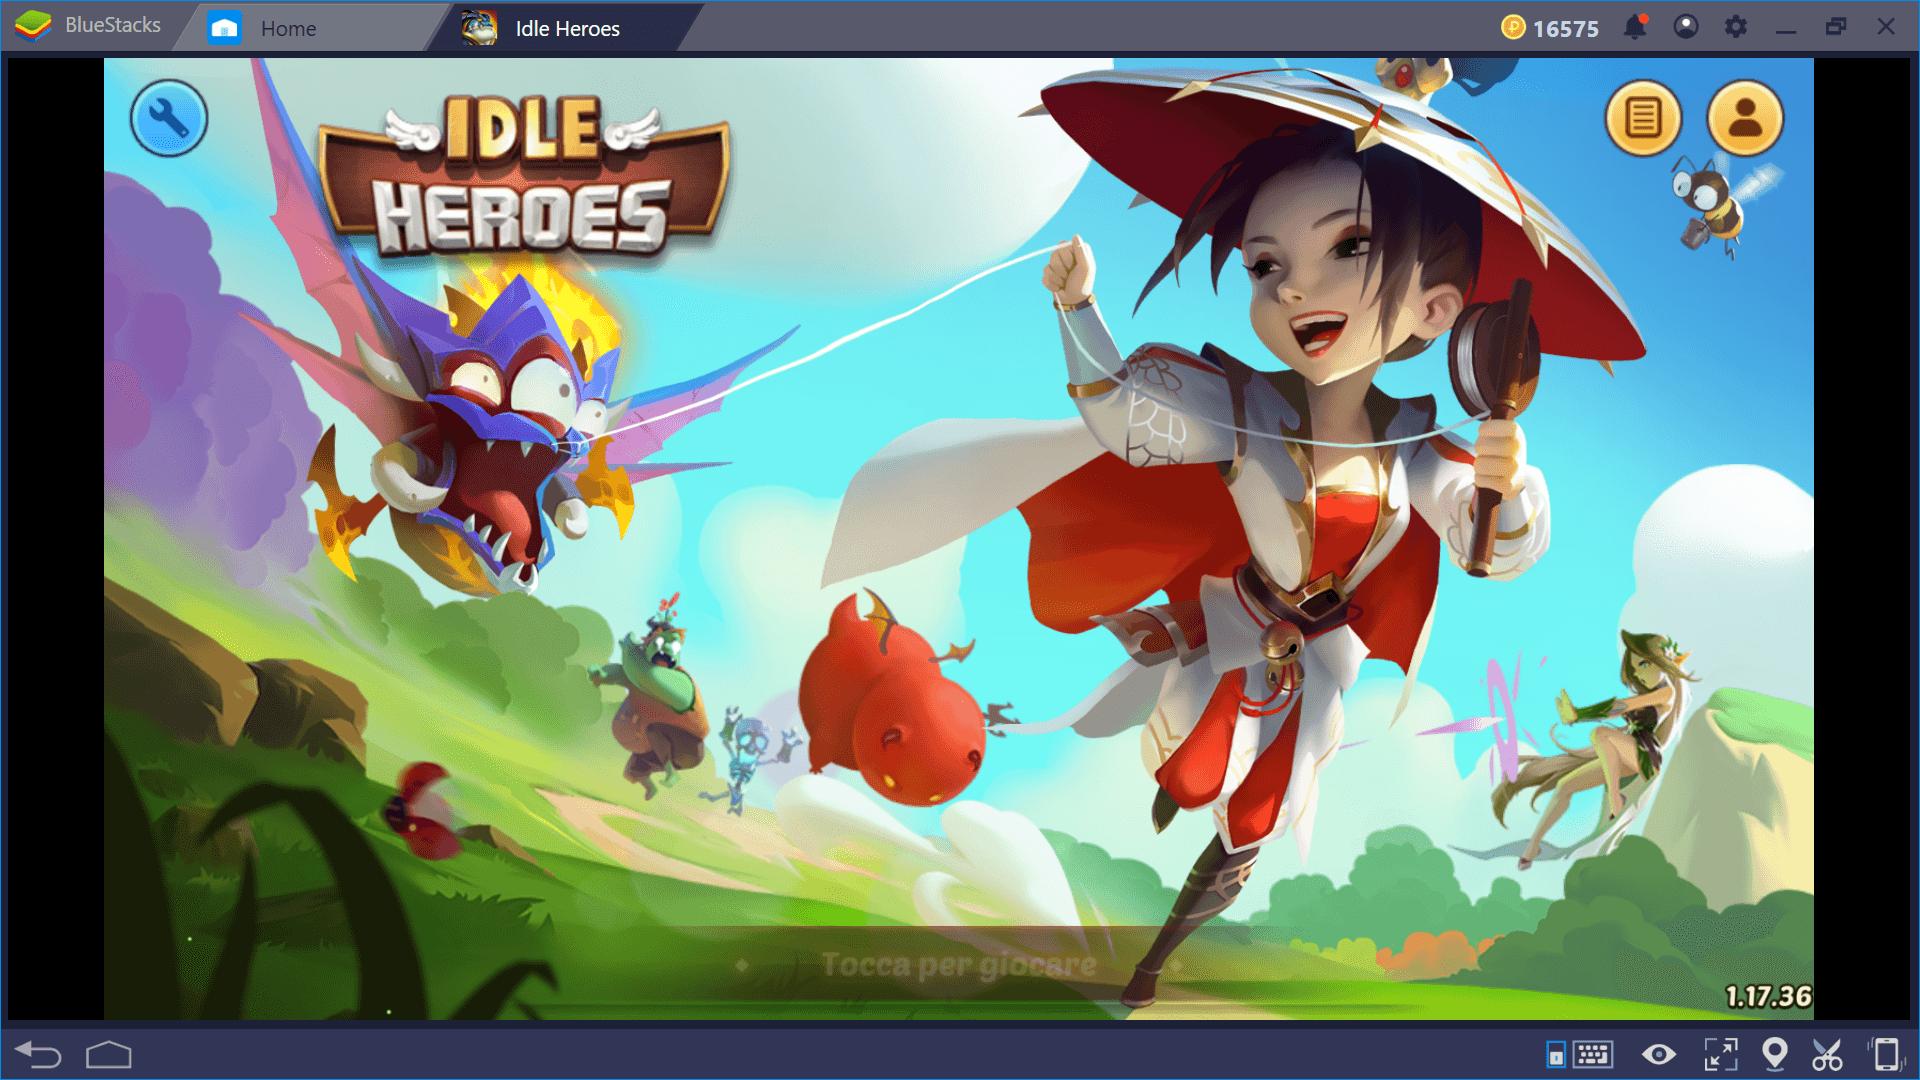 IDLE Heroes: trucchi e consigli avanzati